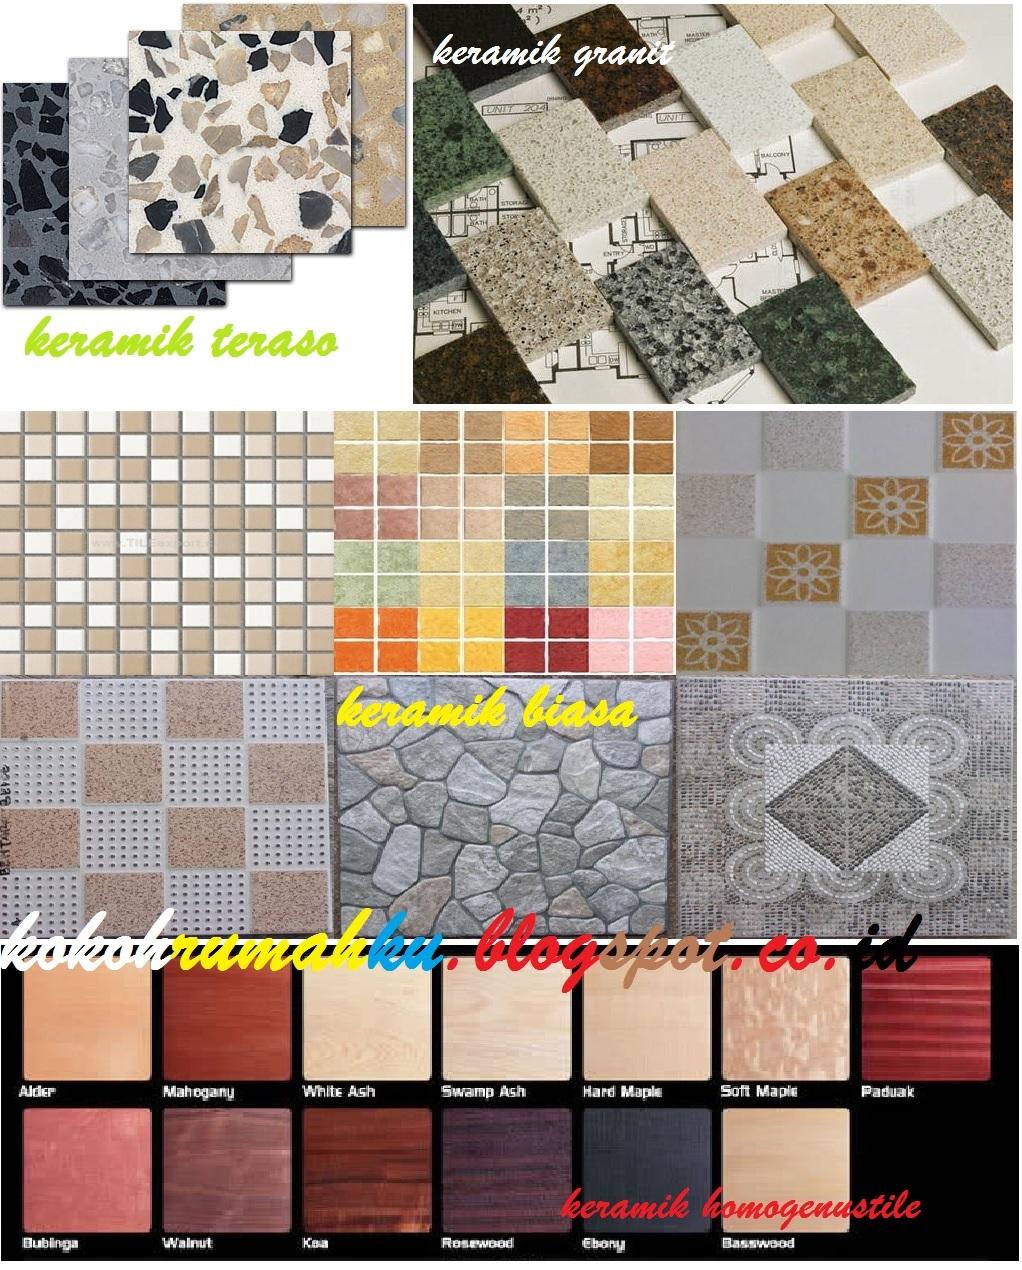 Mengenal Jenis Keramik Paling Sesuai Dengan Kebutuhan Ruangan Alat Potong Granite Ampamp 100cm Berbagai Dan Macam